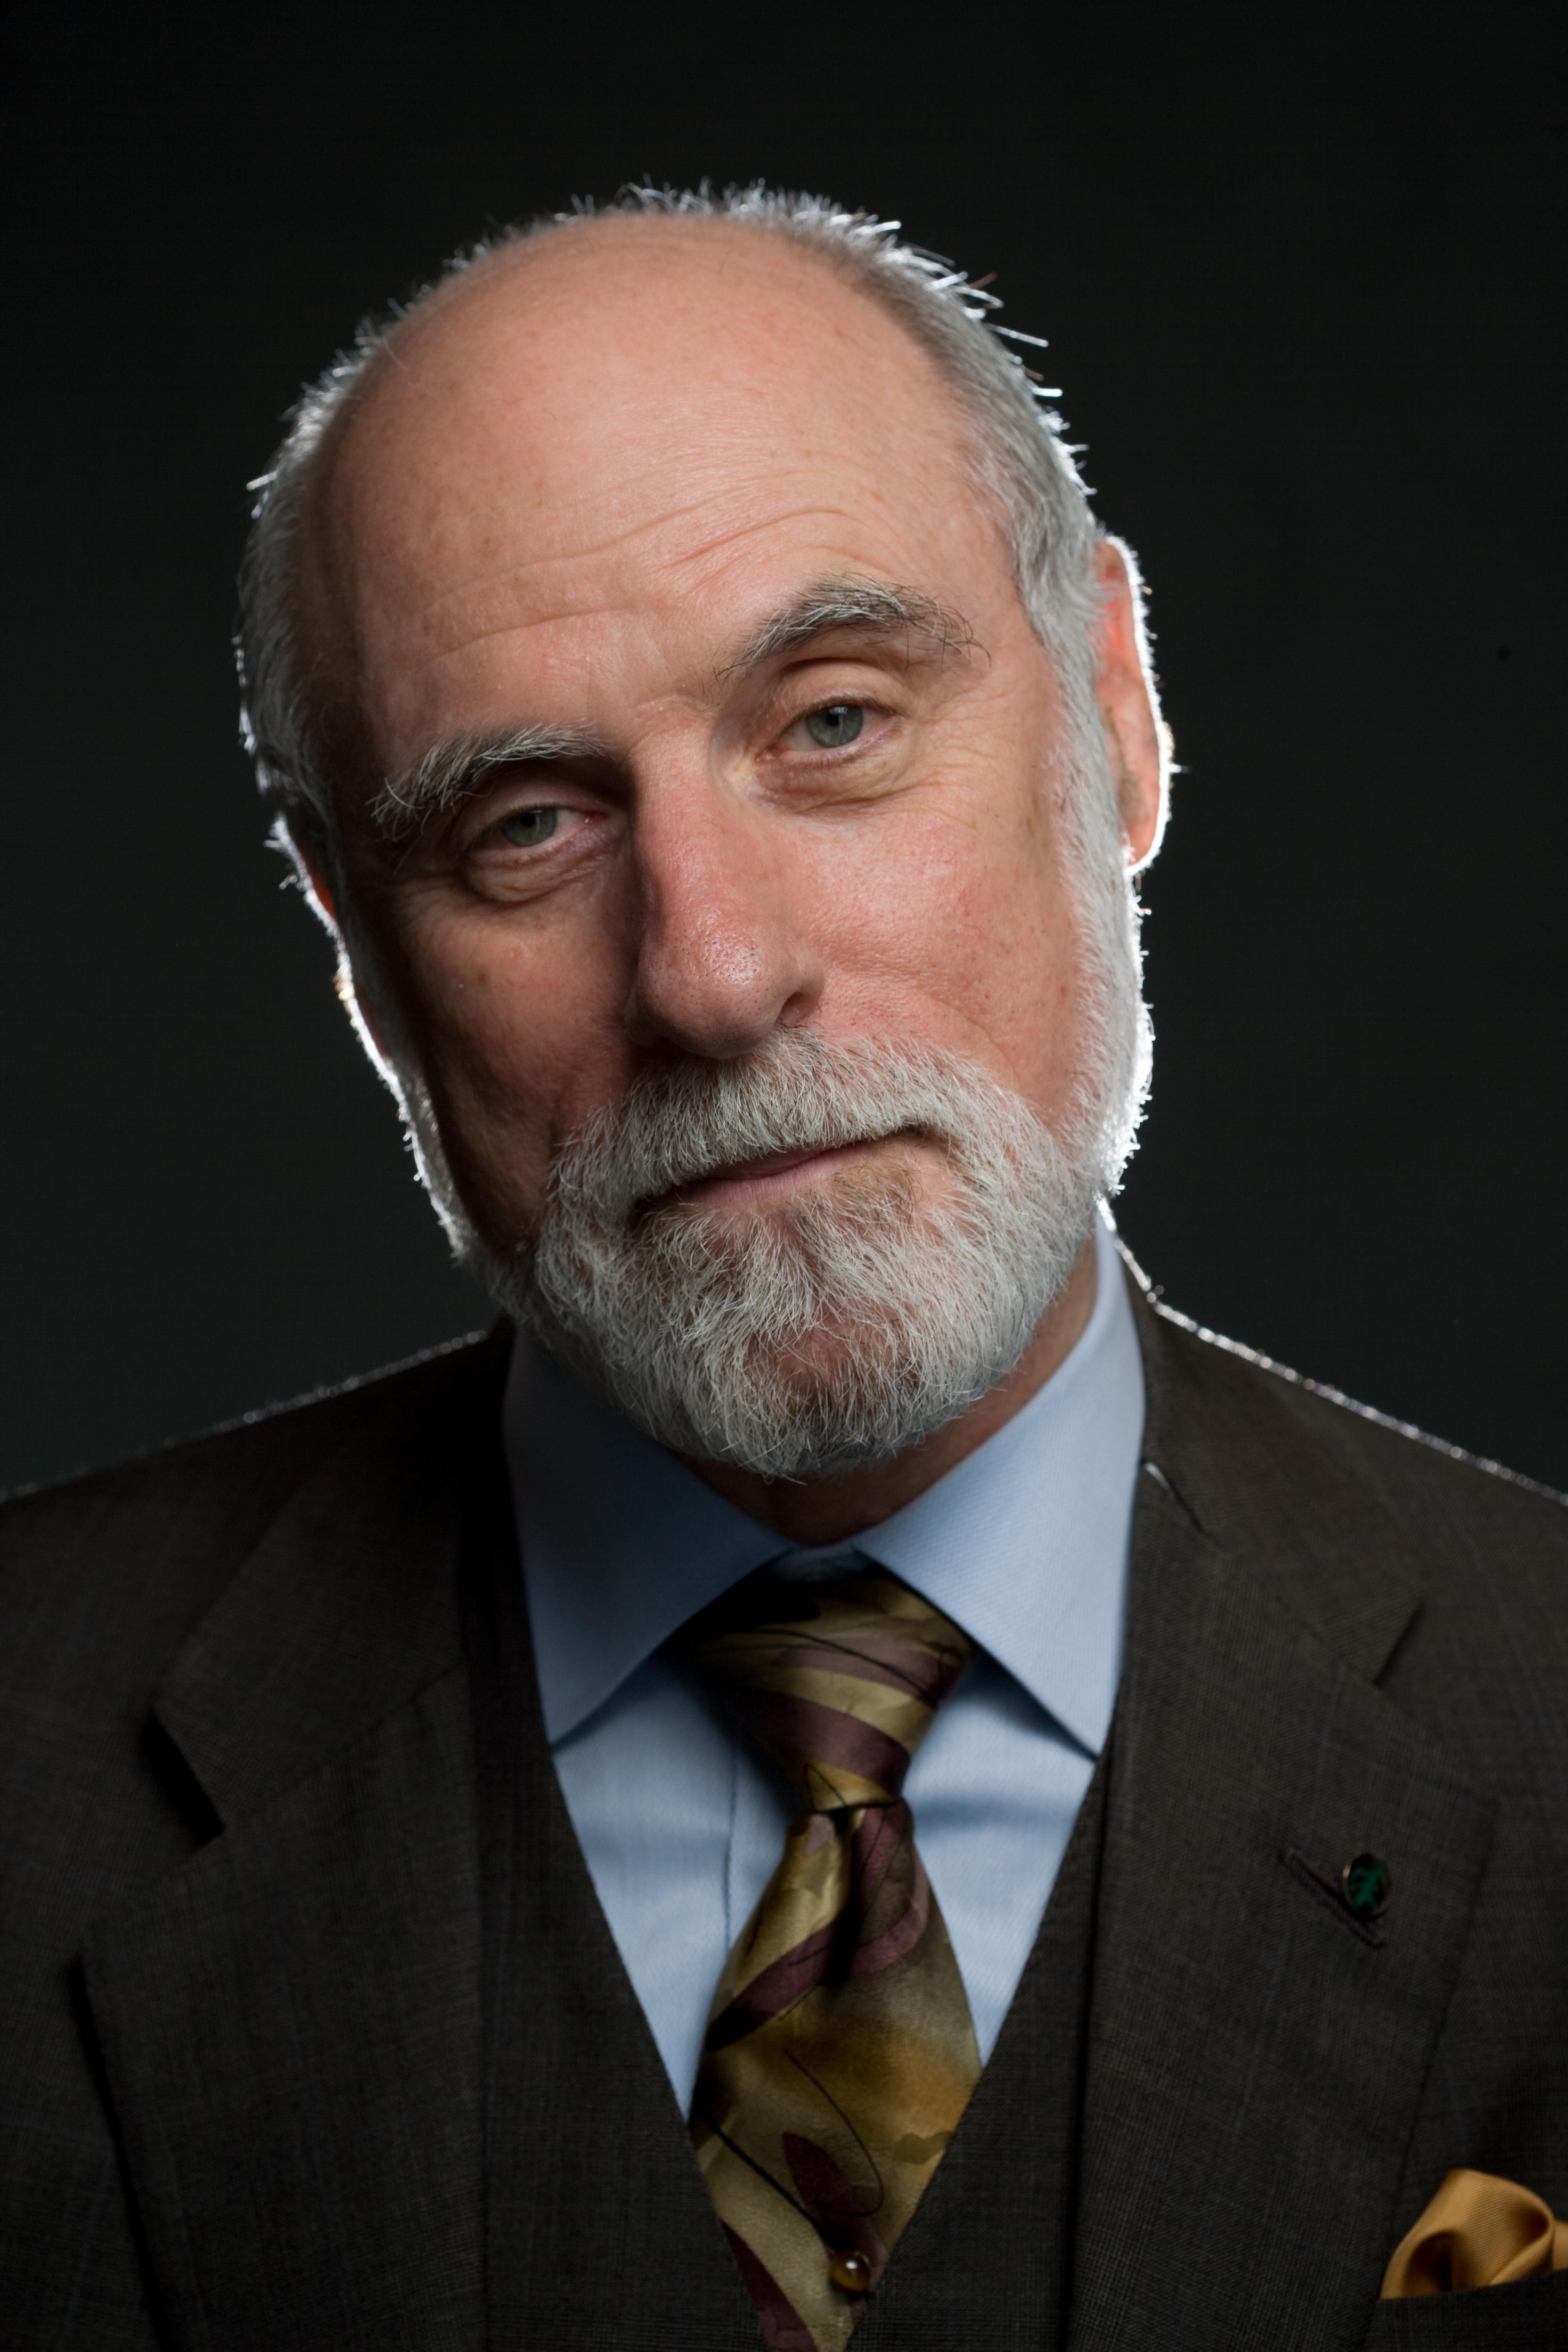 Vint Cerf - Internet Pioneer